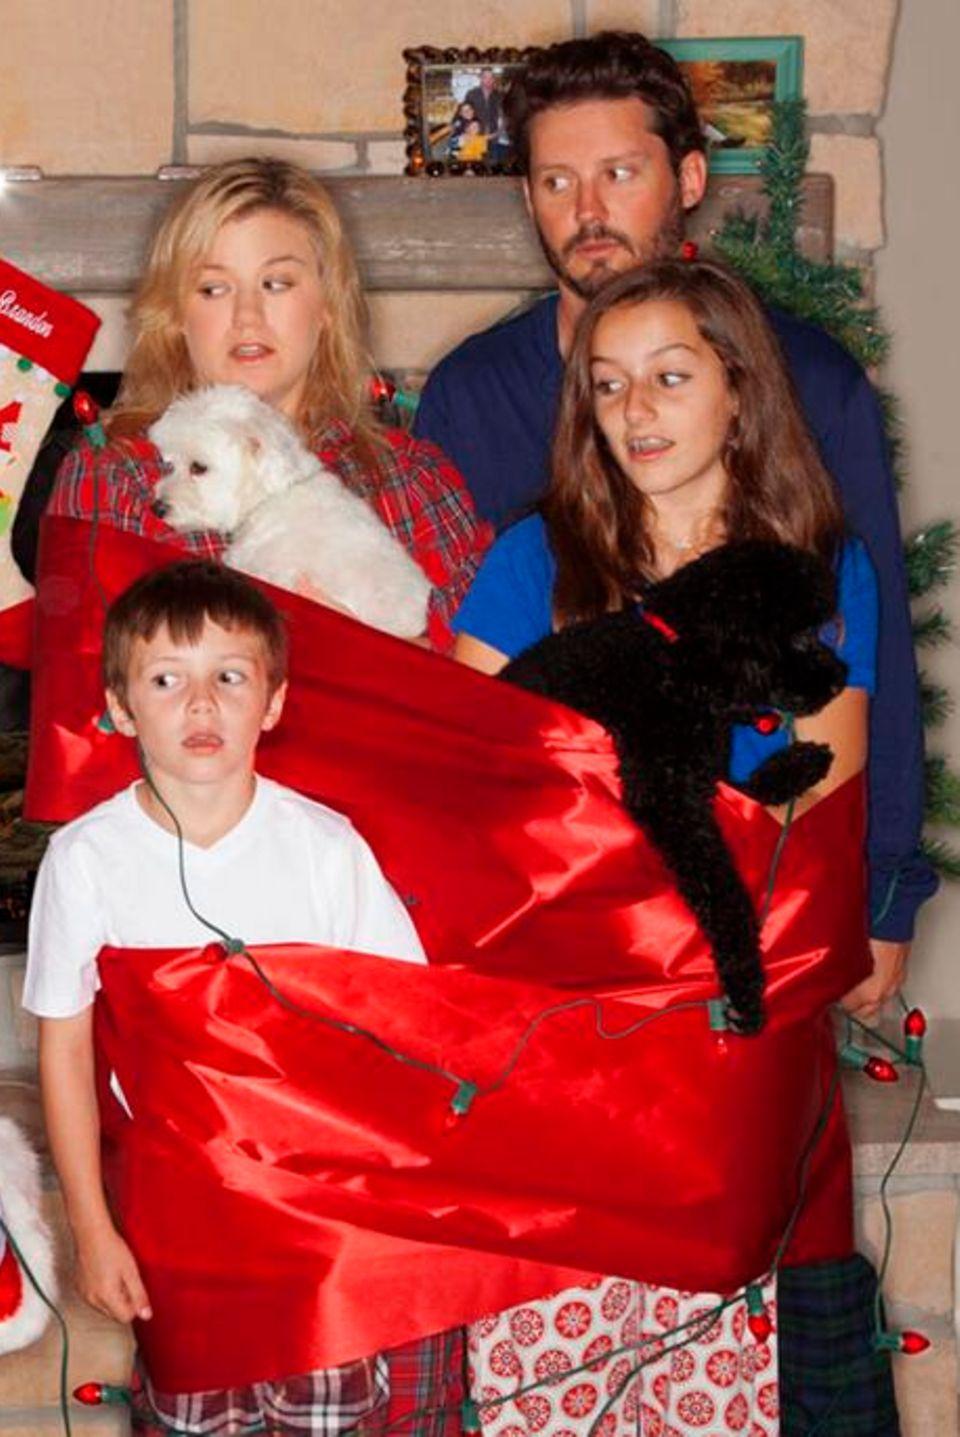 """Kelly Clarkson teilt das Weihnachtsfoto, auf dem sie mit ihrem Ehemann Brandon Blackstock und dessen Kindern Savannah, elf, und Seth, sieben, zu sehen ist, mit ihren Facebook- und Twitterfans. """"Merry Christmas von den Blackstocks"""", schreibt die Sängerin dazu. Das Weihnachtsfest im nächsten Jahr können sie bereits zu fünft verbringen. Die Frischvermählten erwarten ihr erstes gemeinsames Kind."""